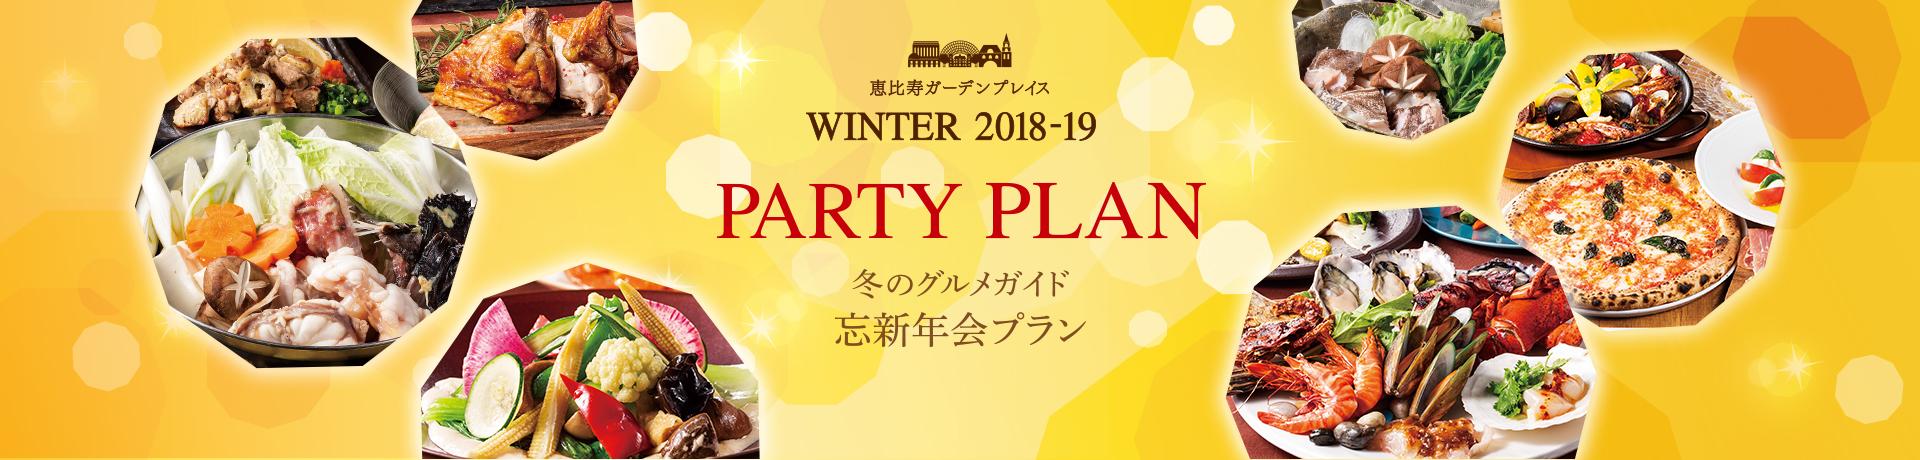 에비스 가든 플레이스 2018-2019 WINTER PARTY PLAN 겨울의 음식 가이드 송년회 플랜